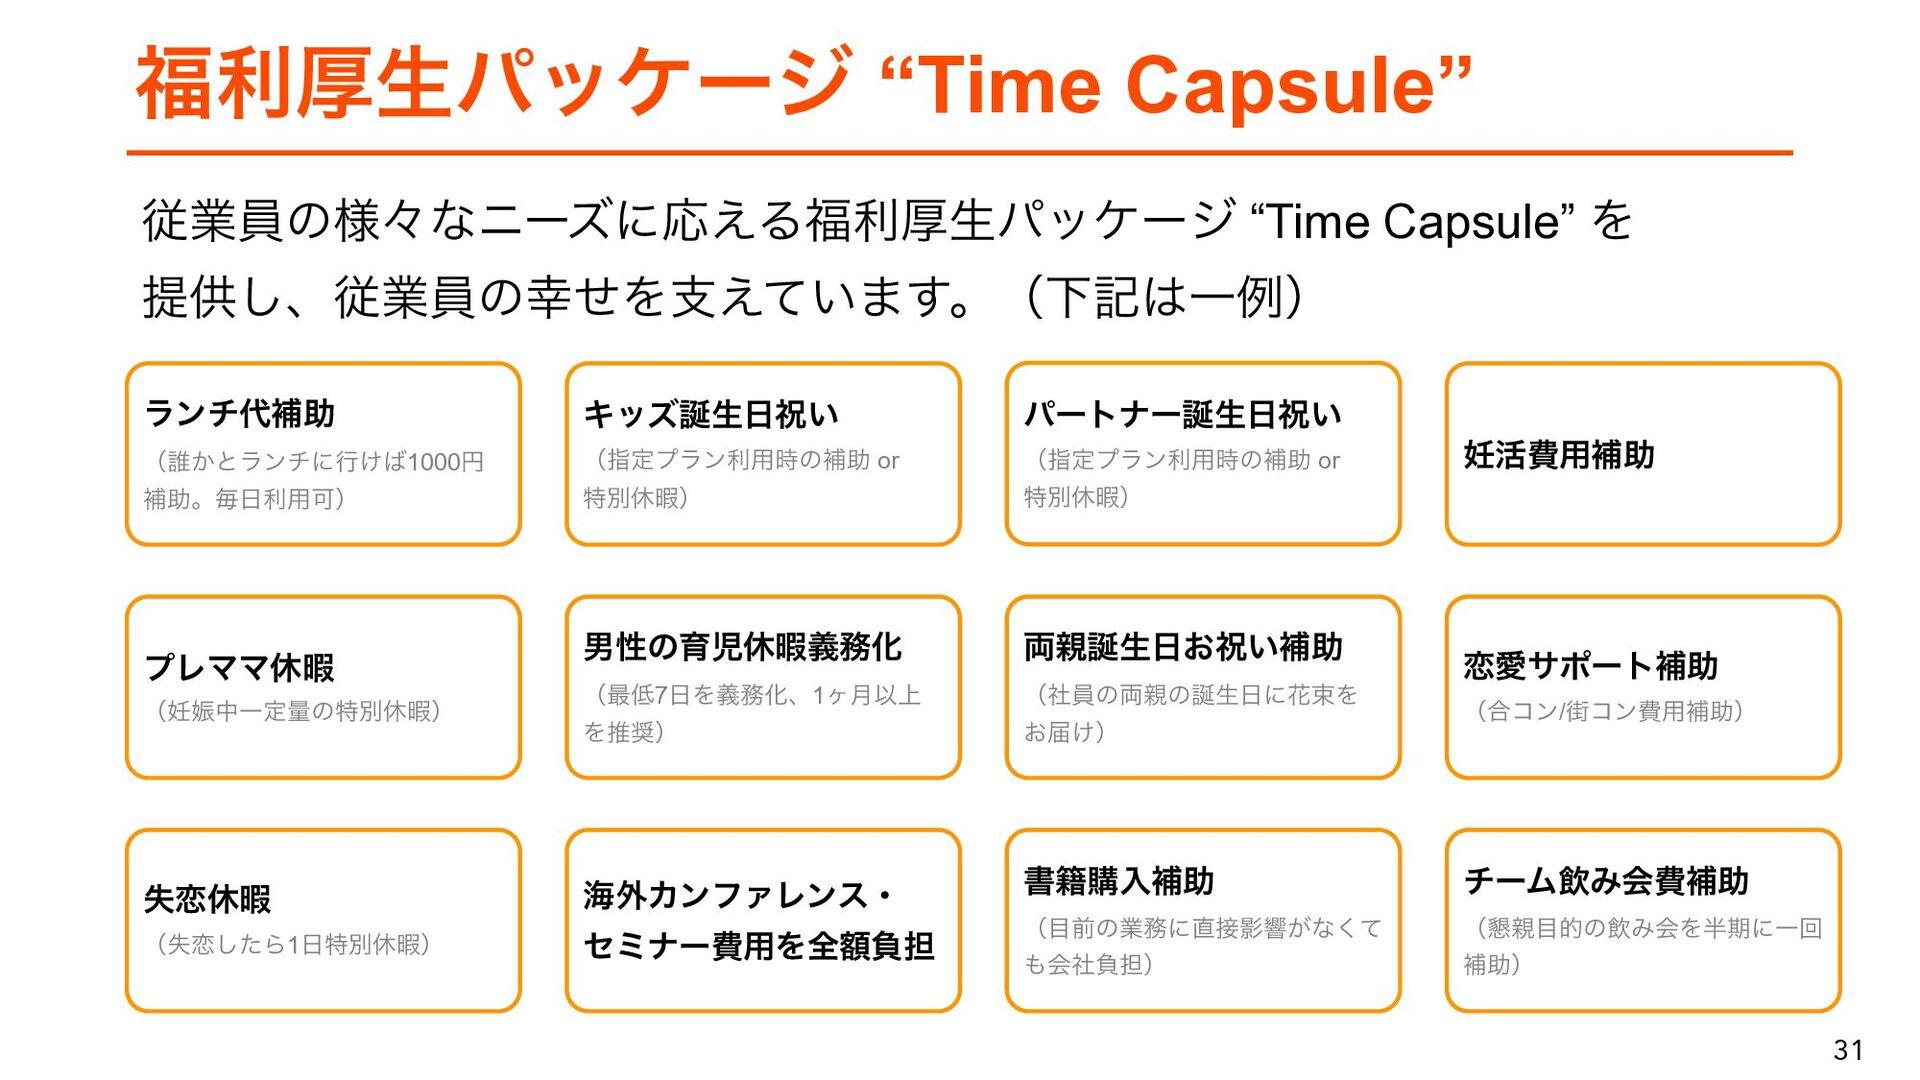 """31 31 福利厚生パッケージ """"Time Capsule"""" ランチ代補助 (誰かとランチに行..."""